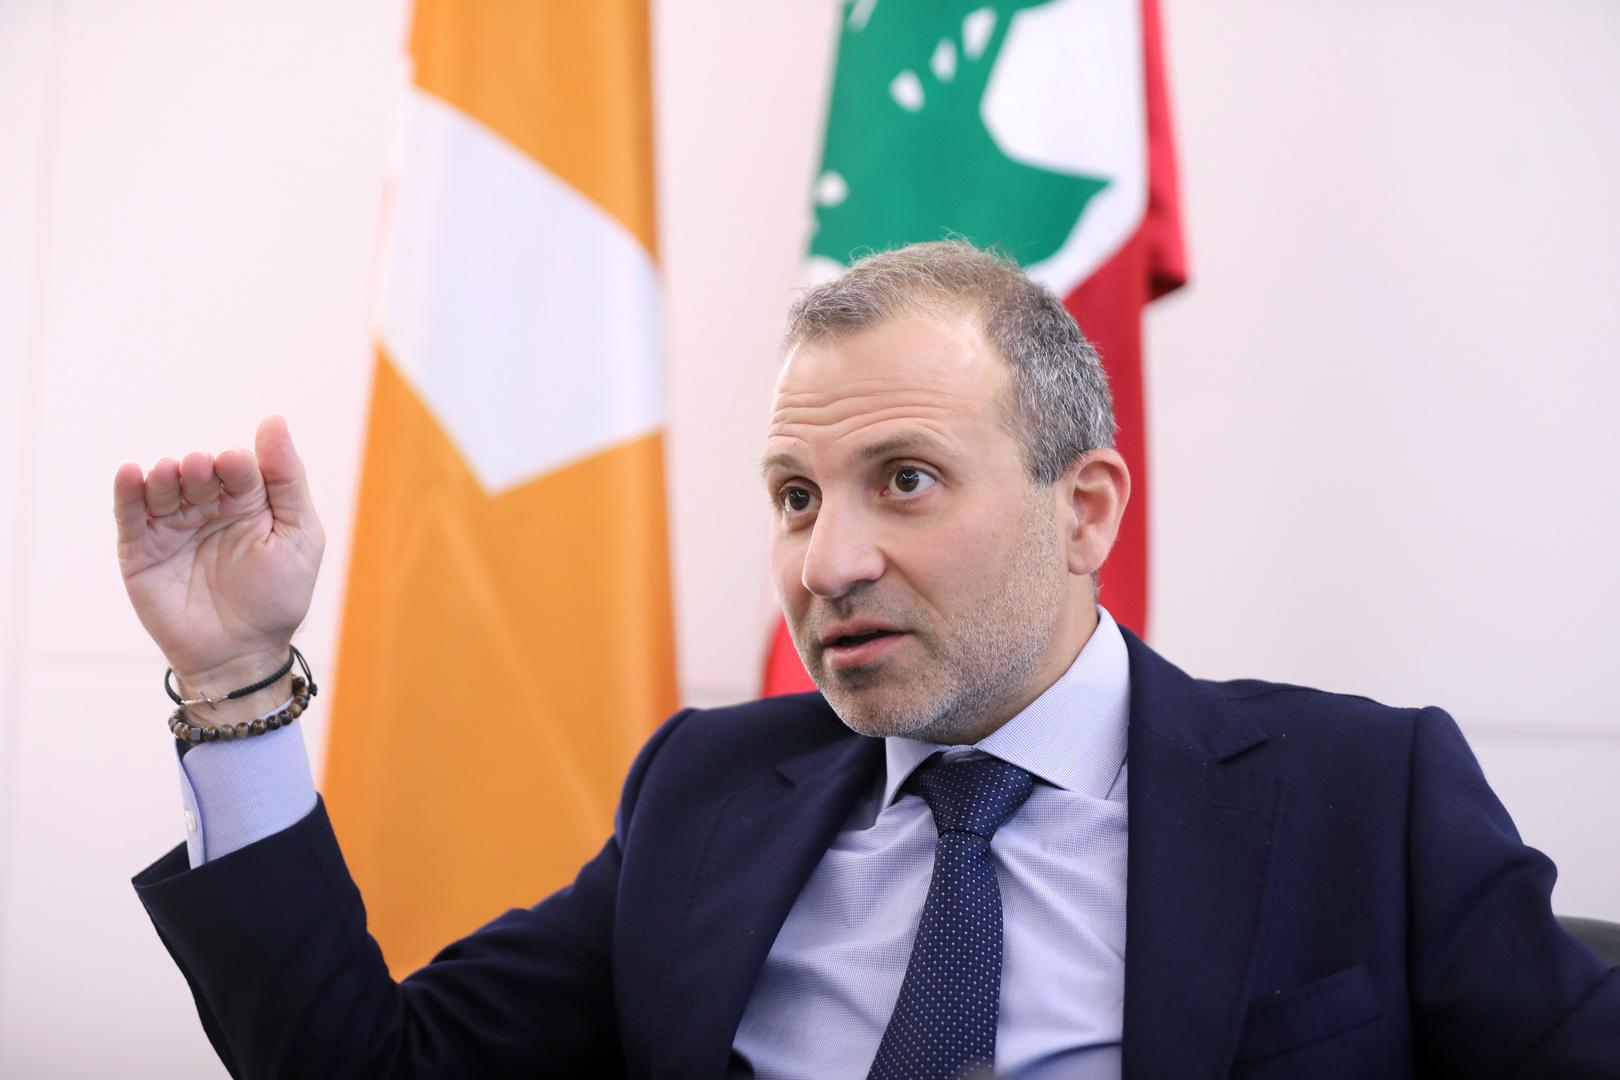 لبنان.. مكتب باسيل ينفي اجتماعه مع مسؤولين إسرائيليين بشأن ترسيم الحدود